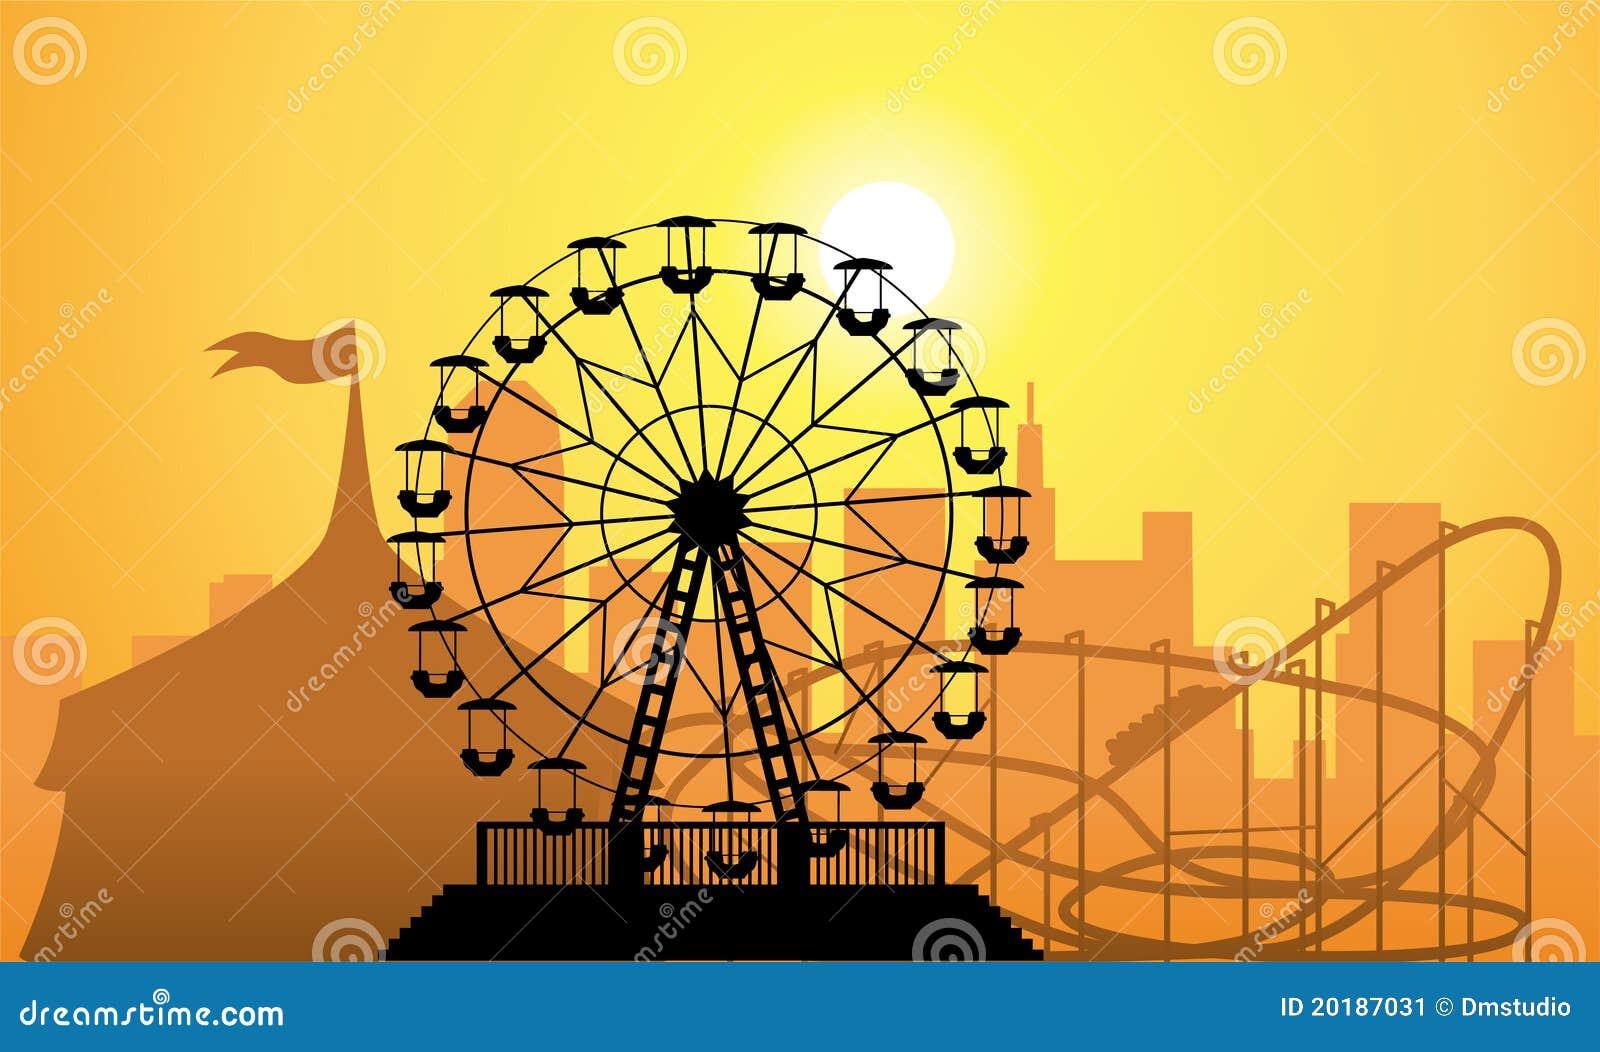 Siluetas de una ciudad y de un parque de atracciones